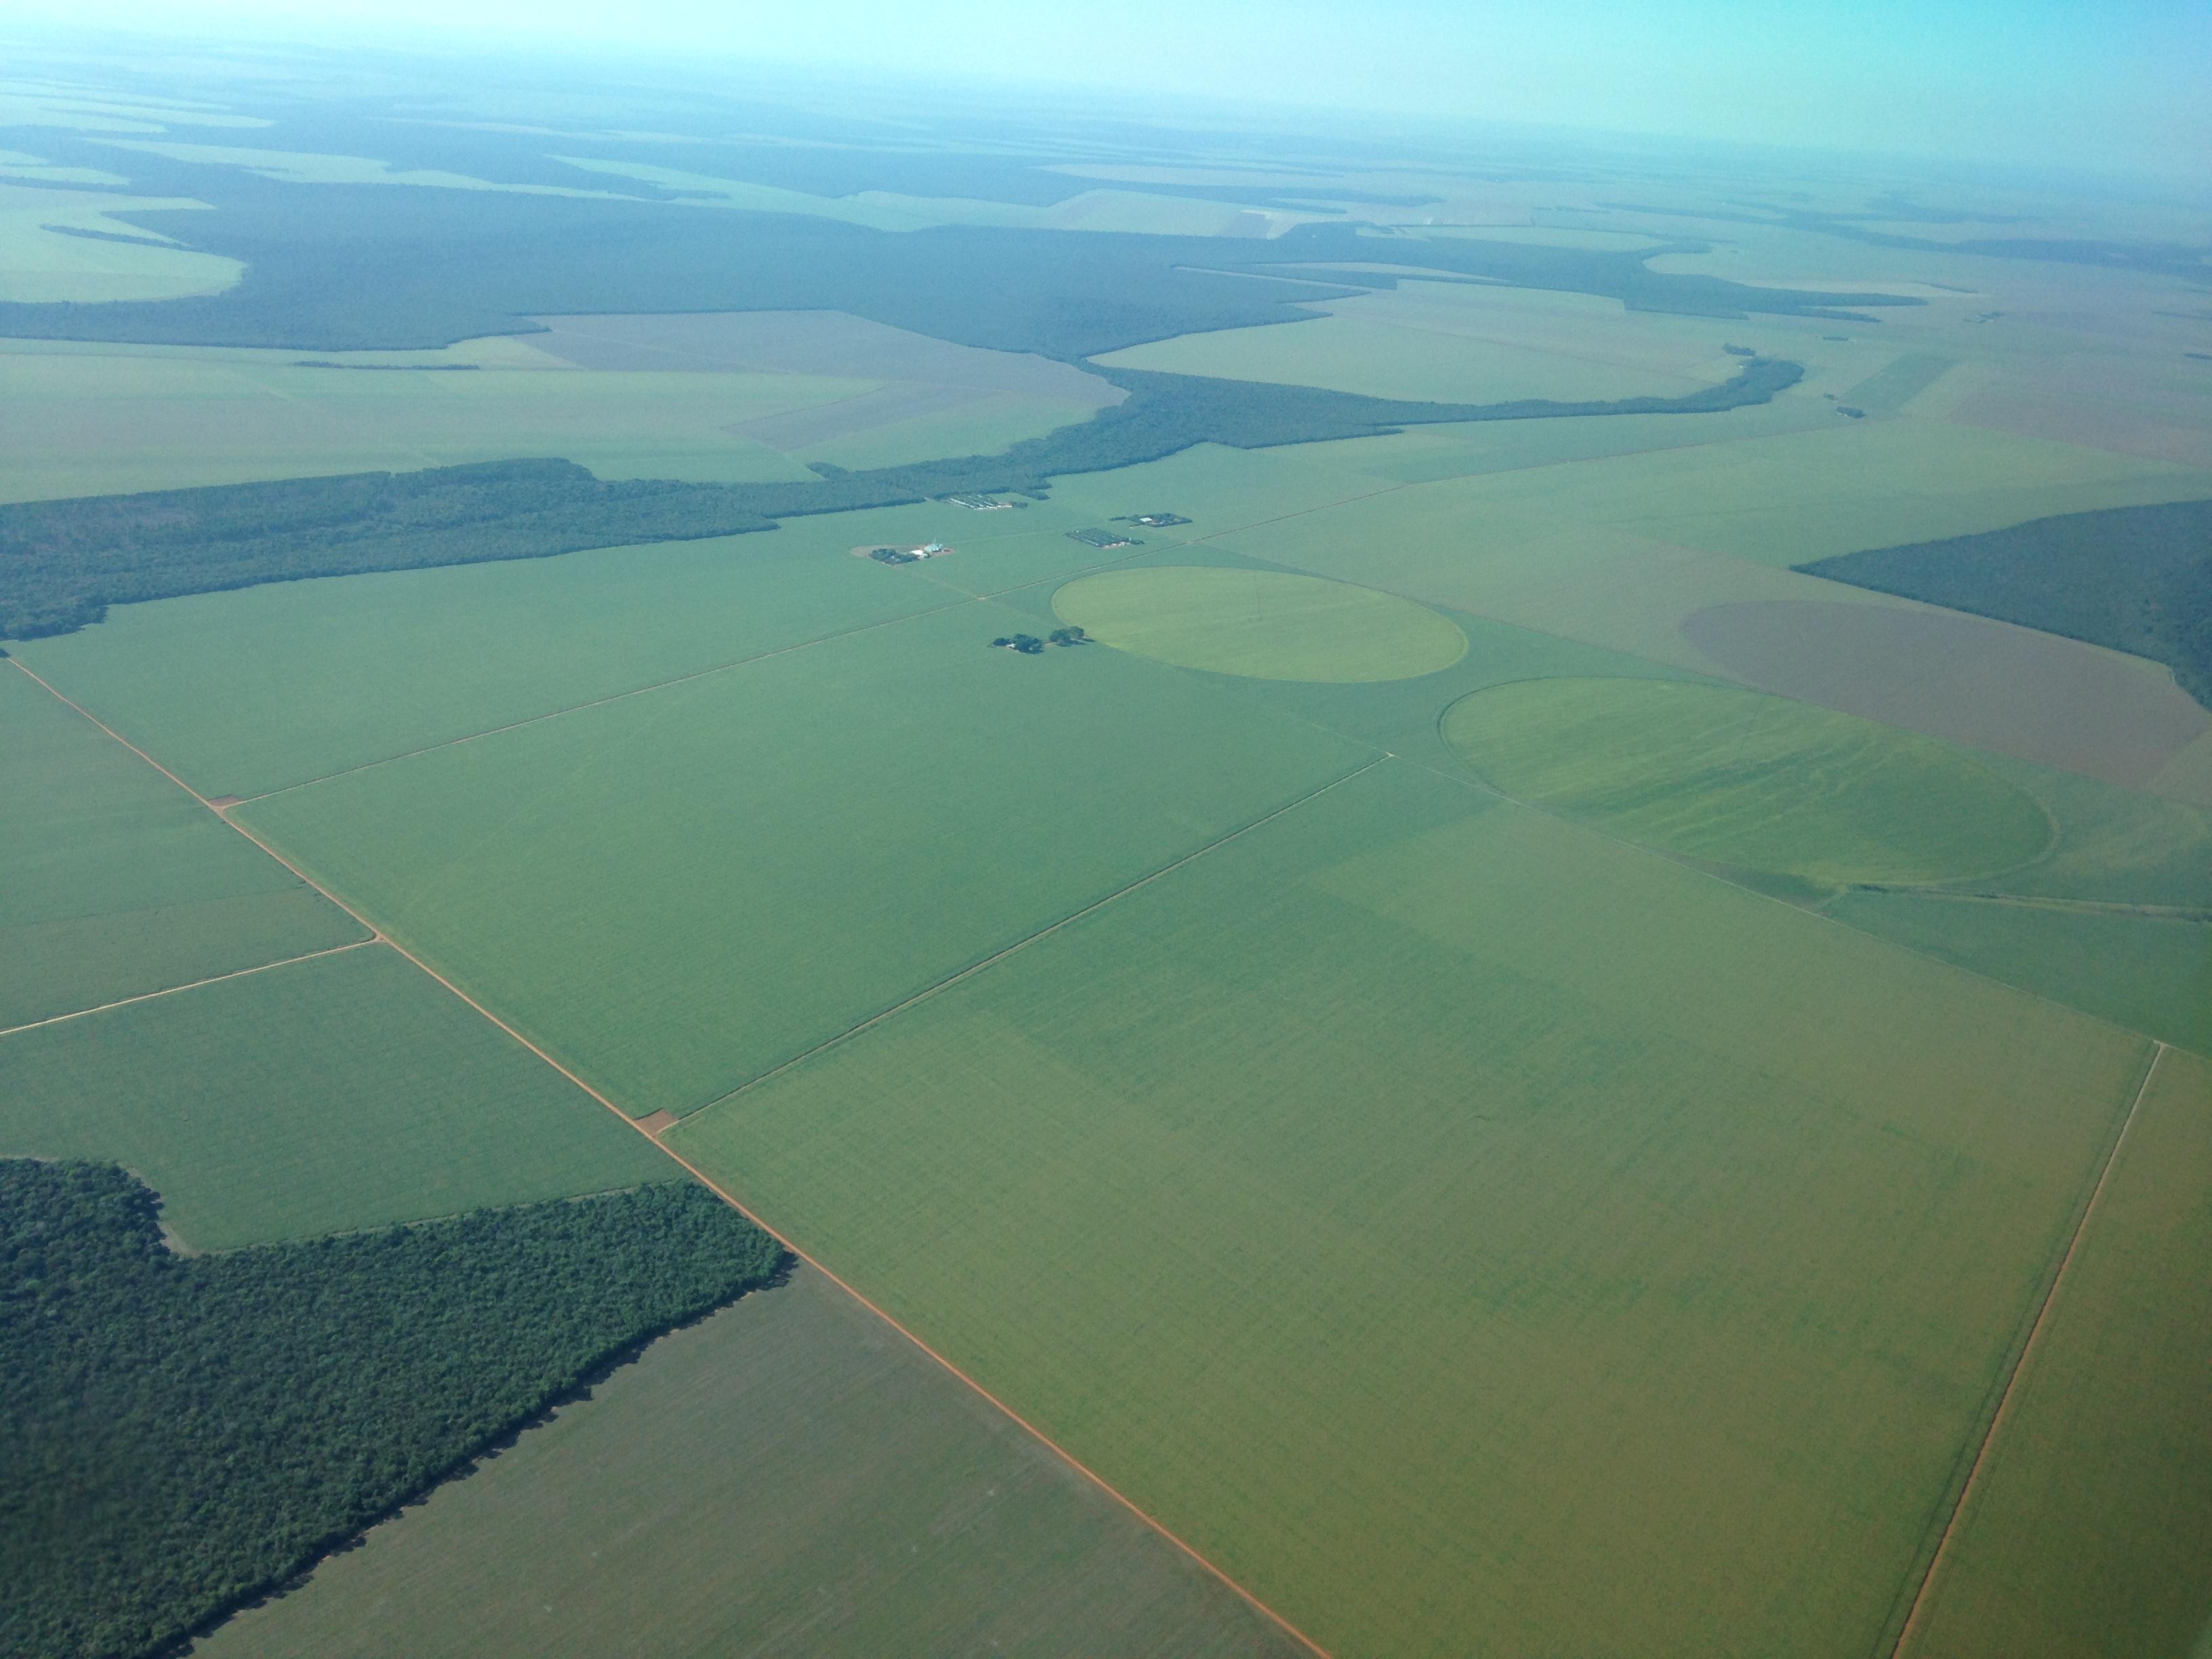 Lots of soybean fields